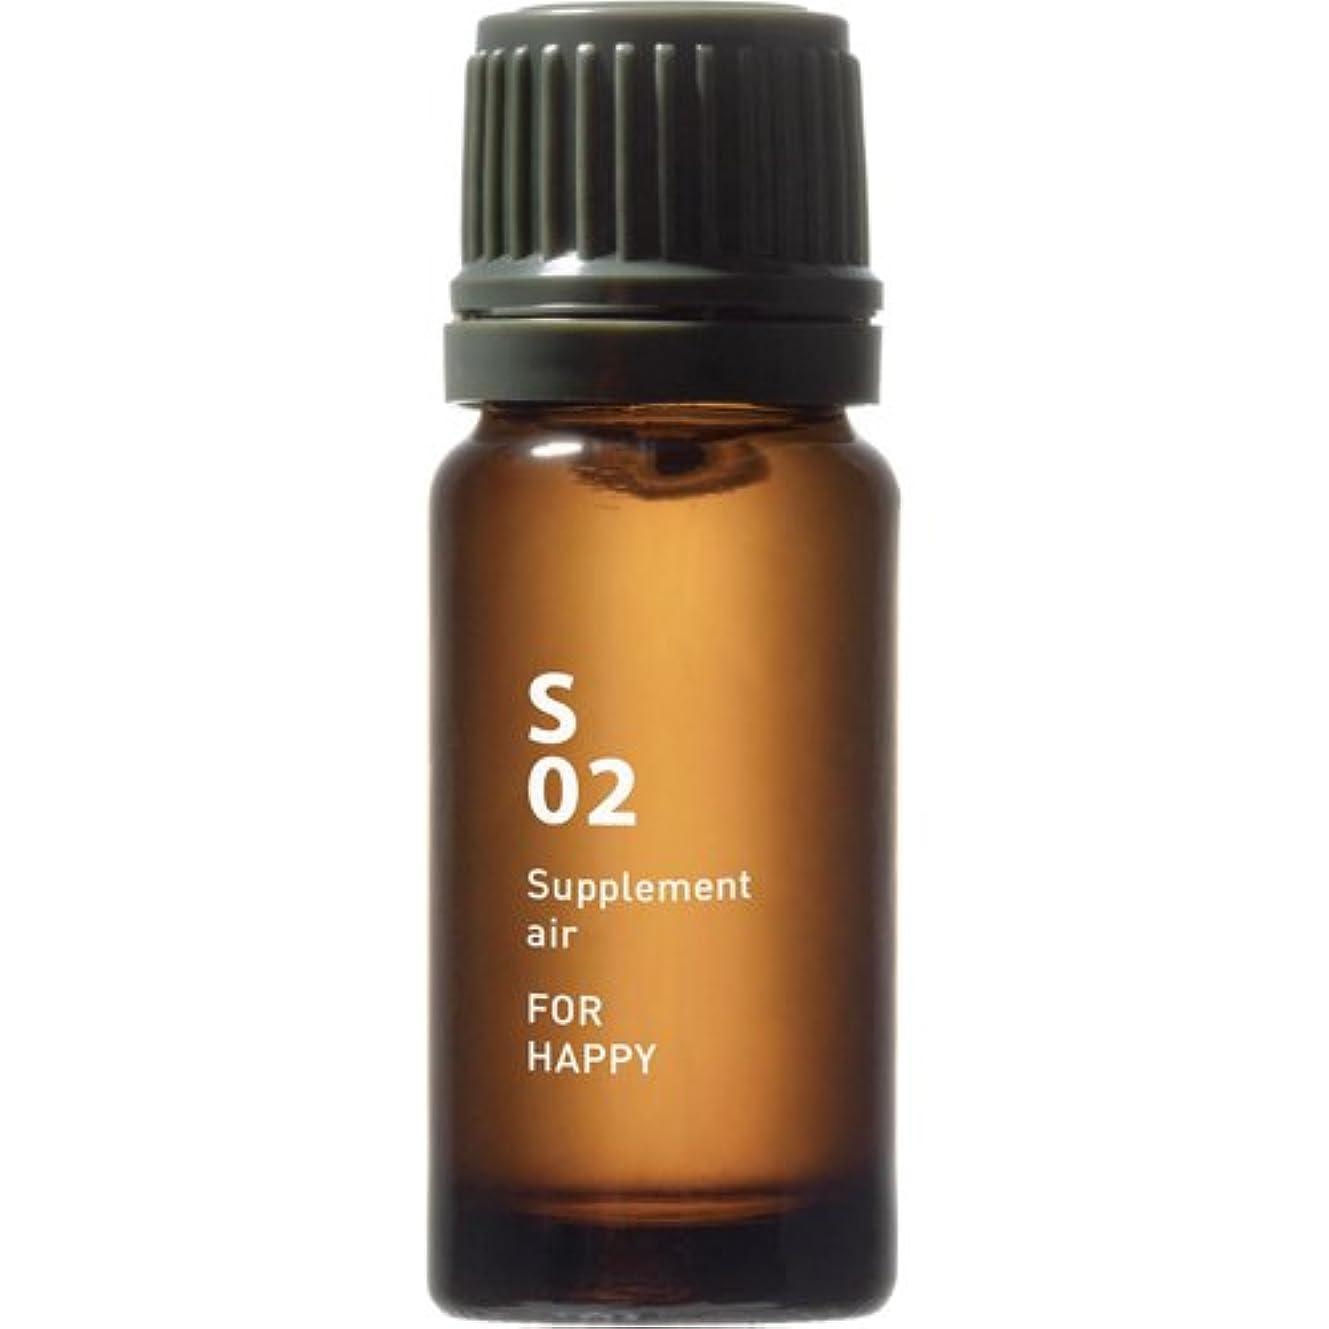 時計回り突進酸素S02 FOR HAPPY Supplement air 10ml